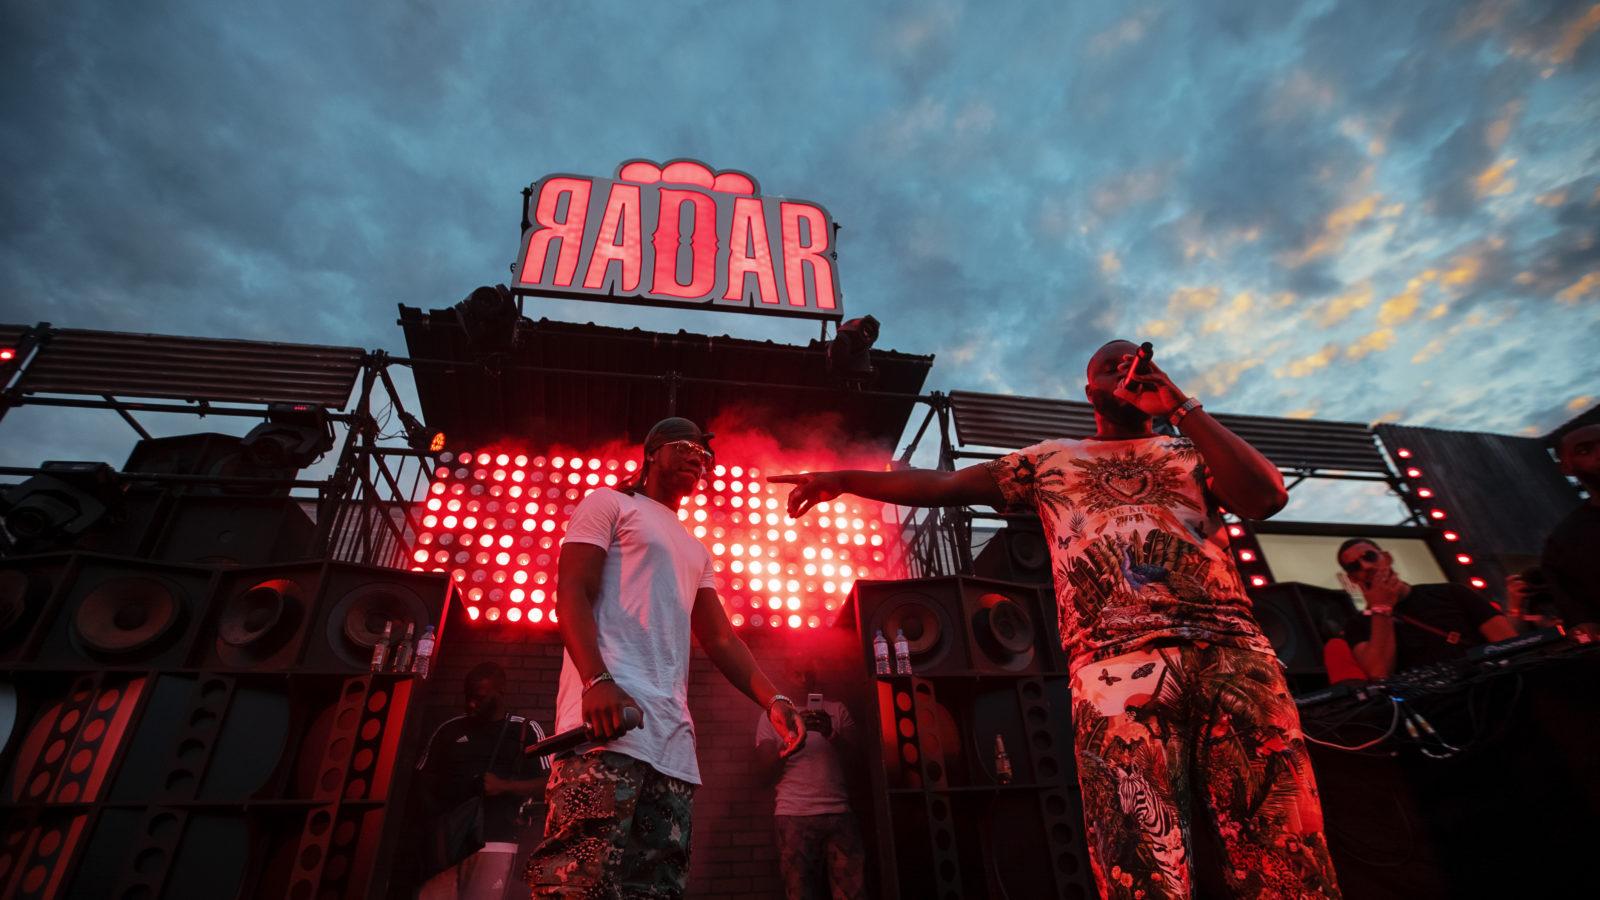 Retour en images sur la scène RADAR à Solidays